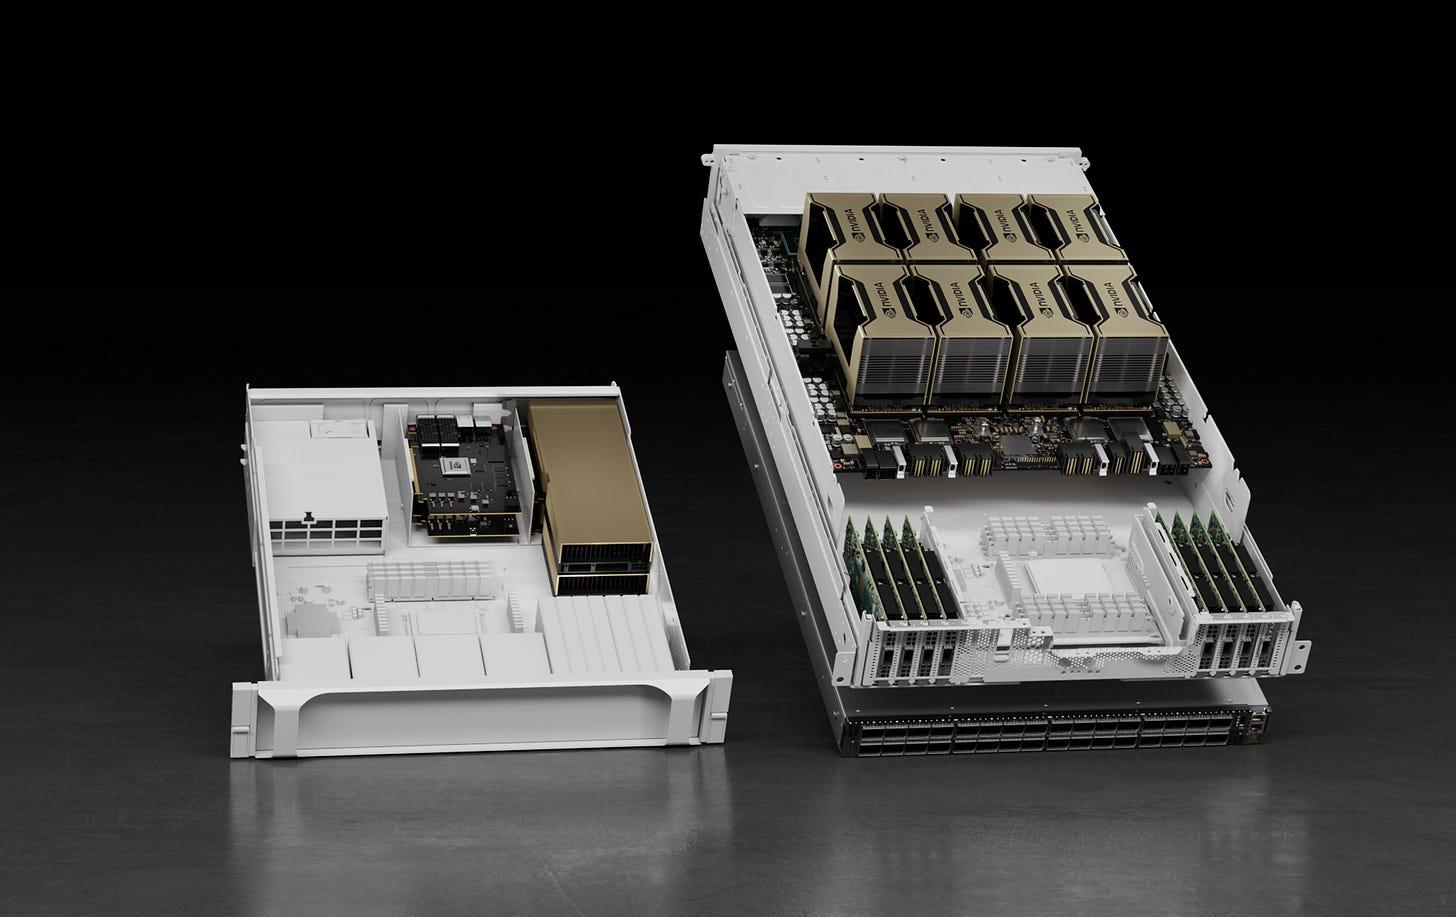 Nvidia HGX AI supercomputer